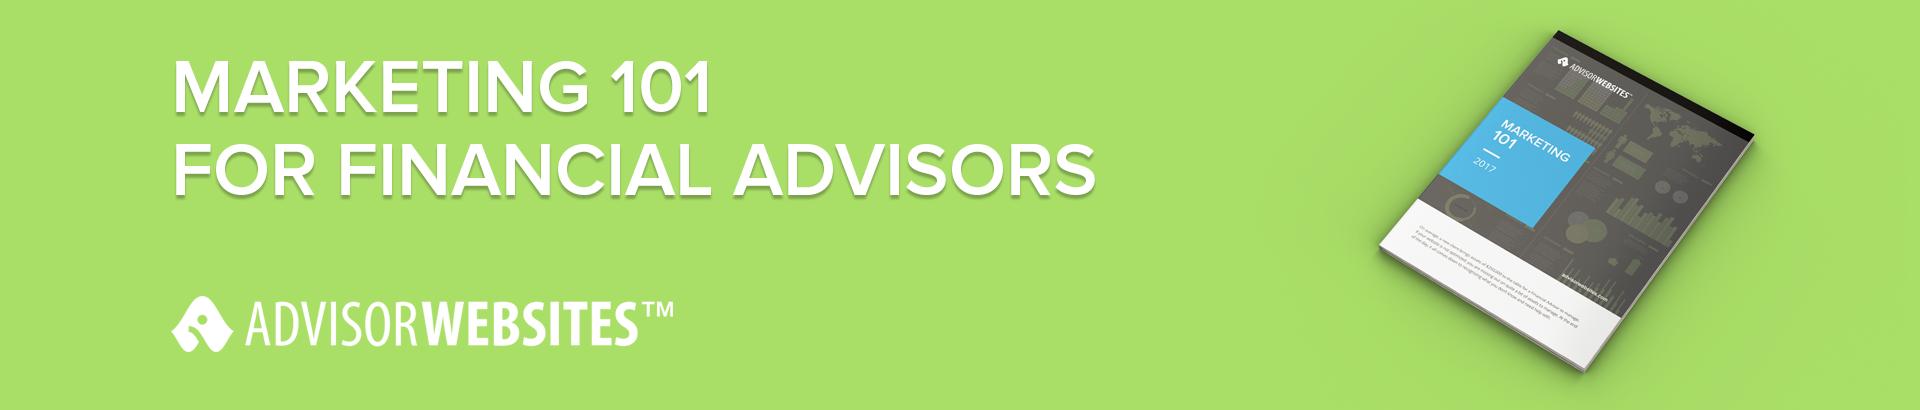 marketing basics for financial advisors